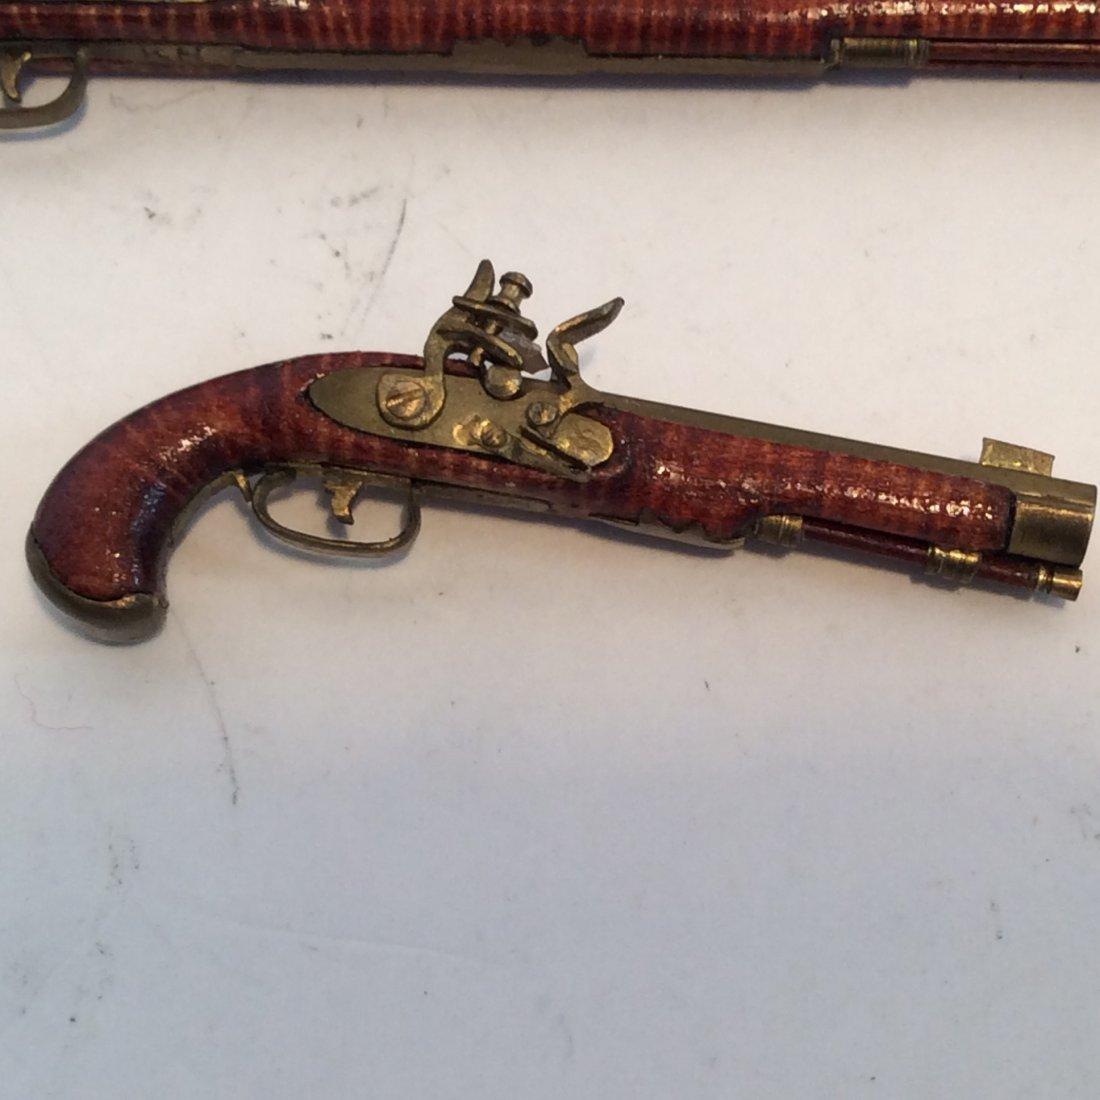 2 Model Guns Kentucky Long Rifle and Pistol 2/12 - 2